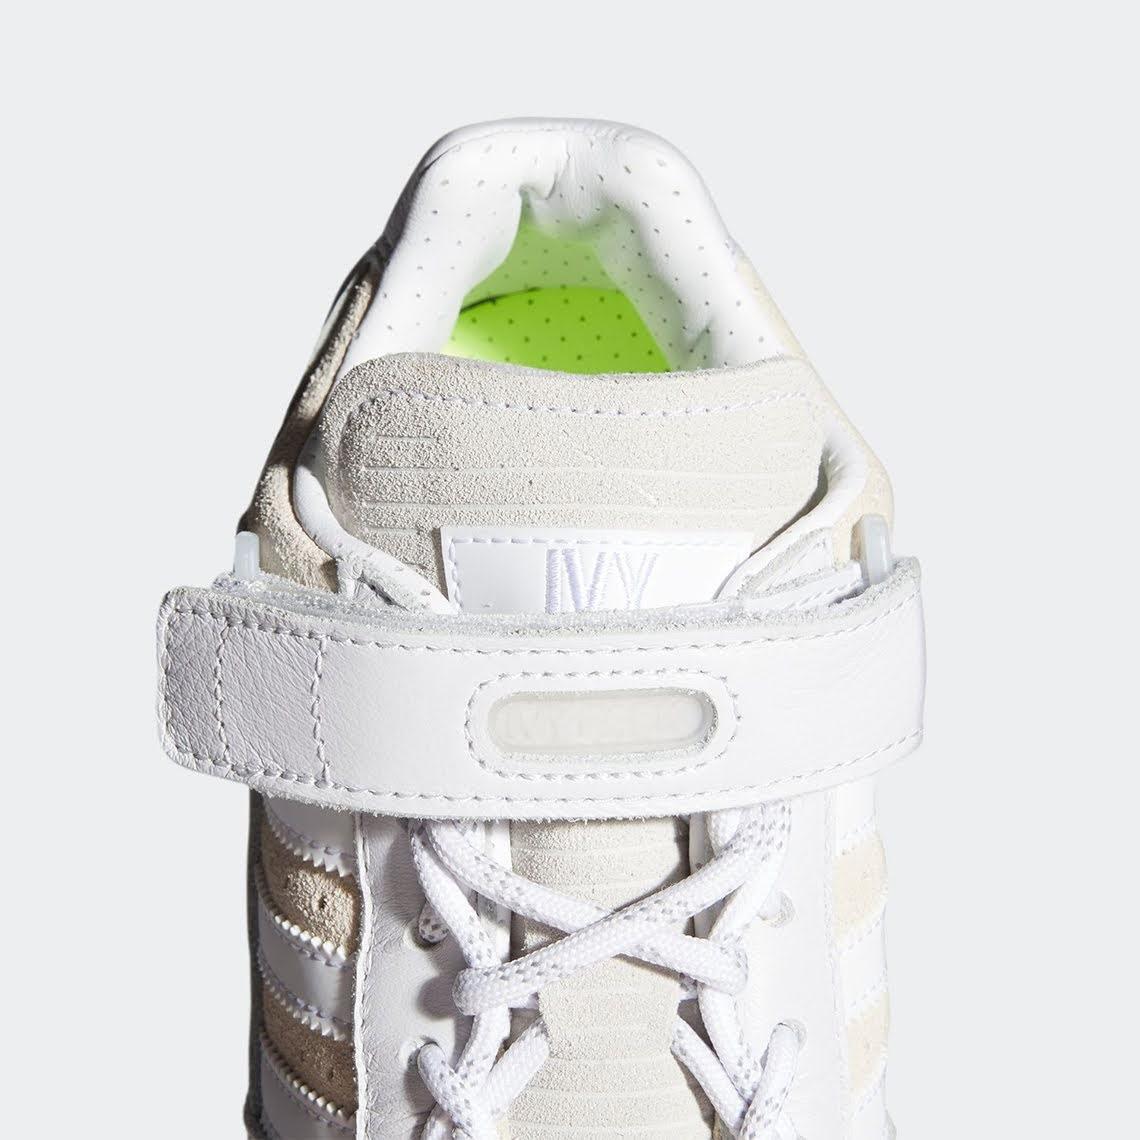 Ivy Park x adidas Forum Low アイビー パーク x アディダス フォルム ロー fz4389 sole close